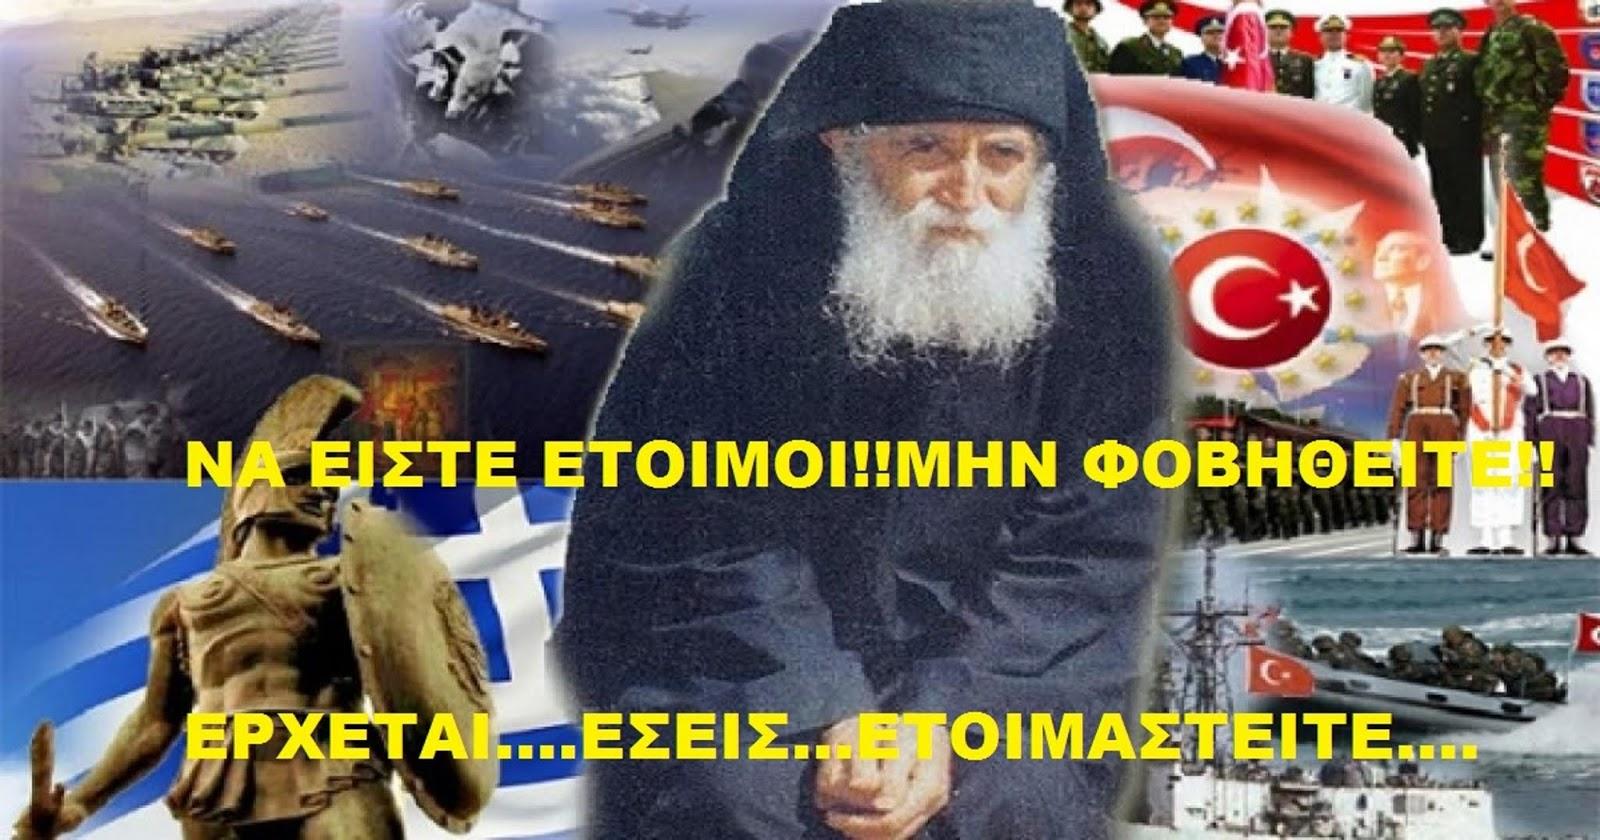 Άρχισε η αντίστροφη μέτρηση για να γίνει ο Ελληνοτουρκικός πόλεμος